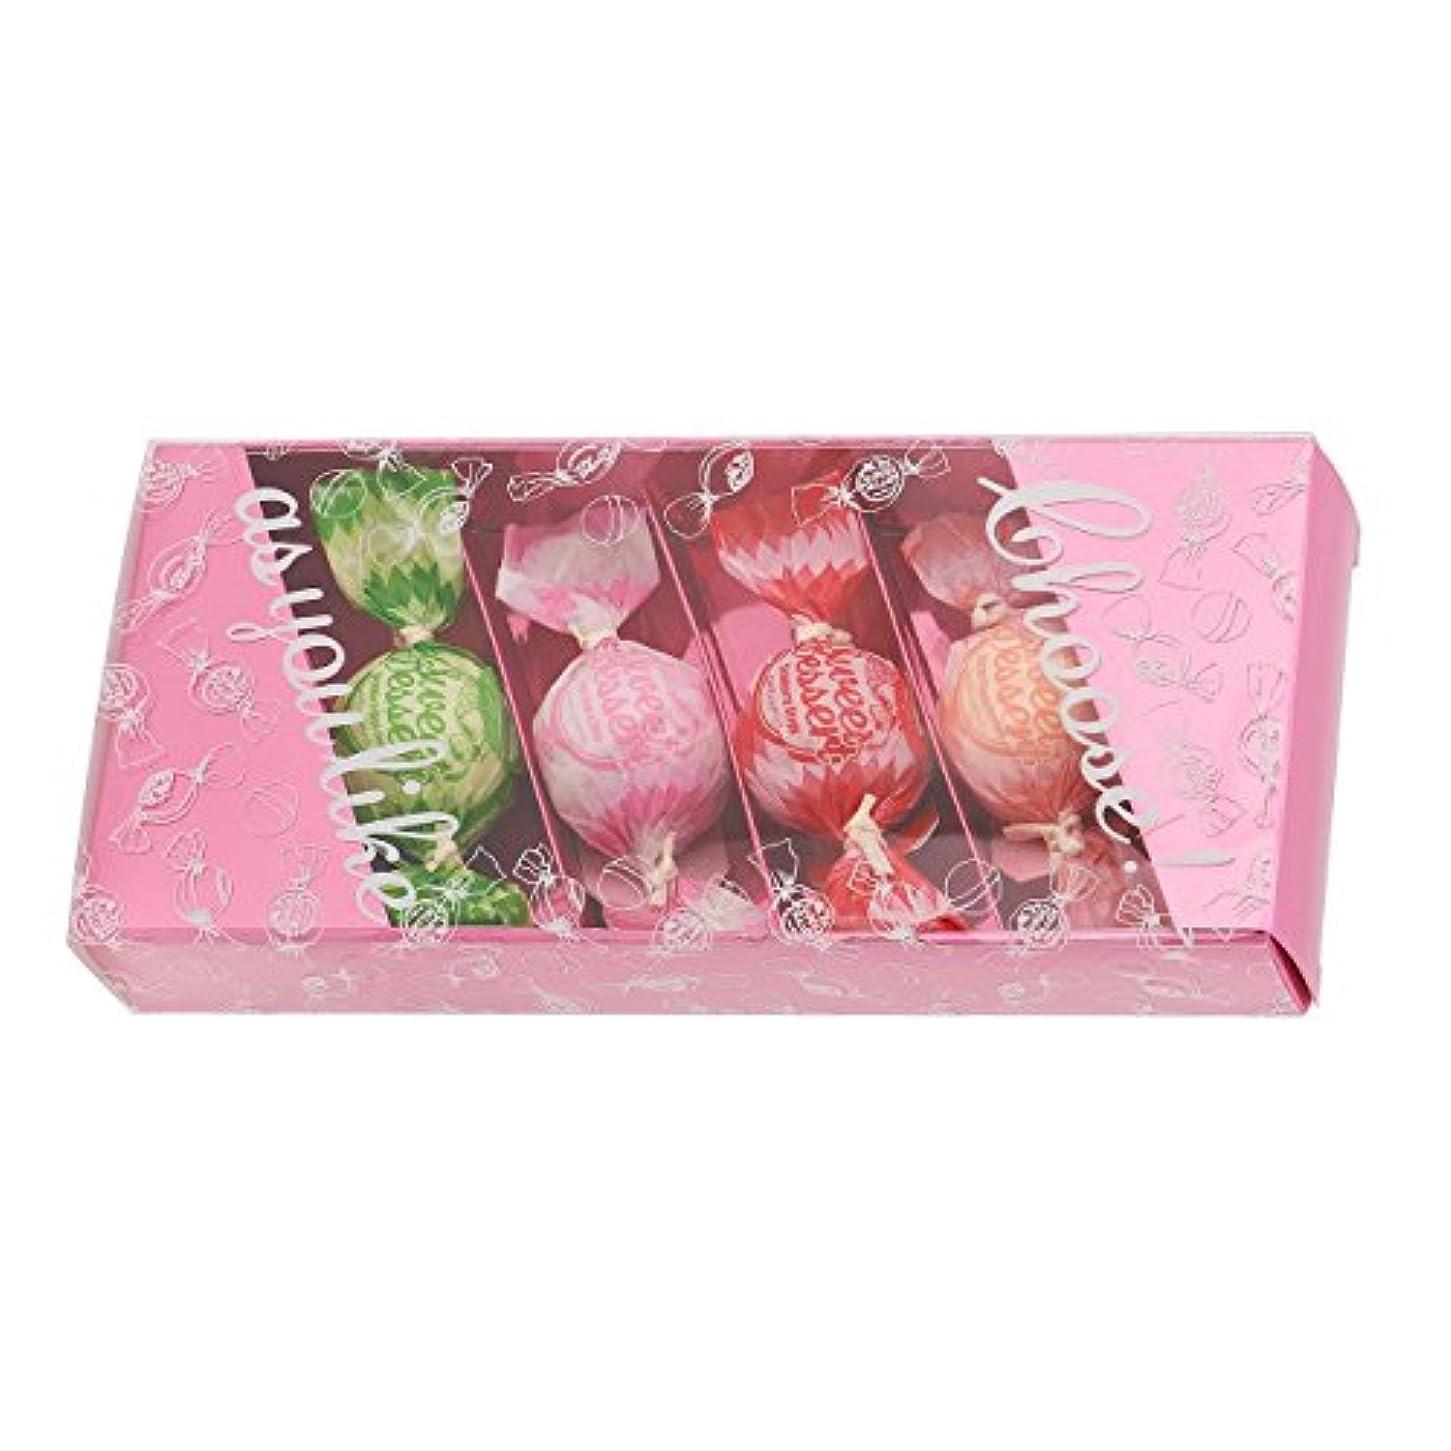 かごラッカス付録アマイワナ バスキャンディー4粒ギフトセット(35g×4個) ピンク(発泡タイプ入浴料 バスギフト)